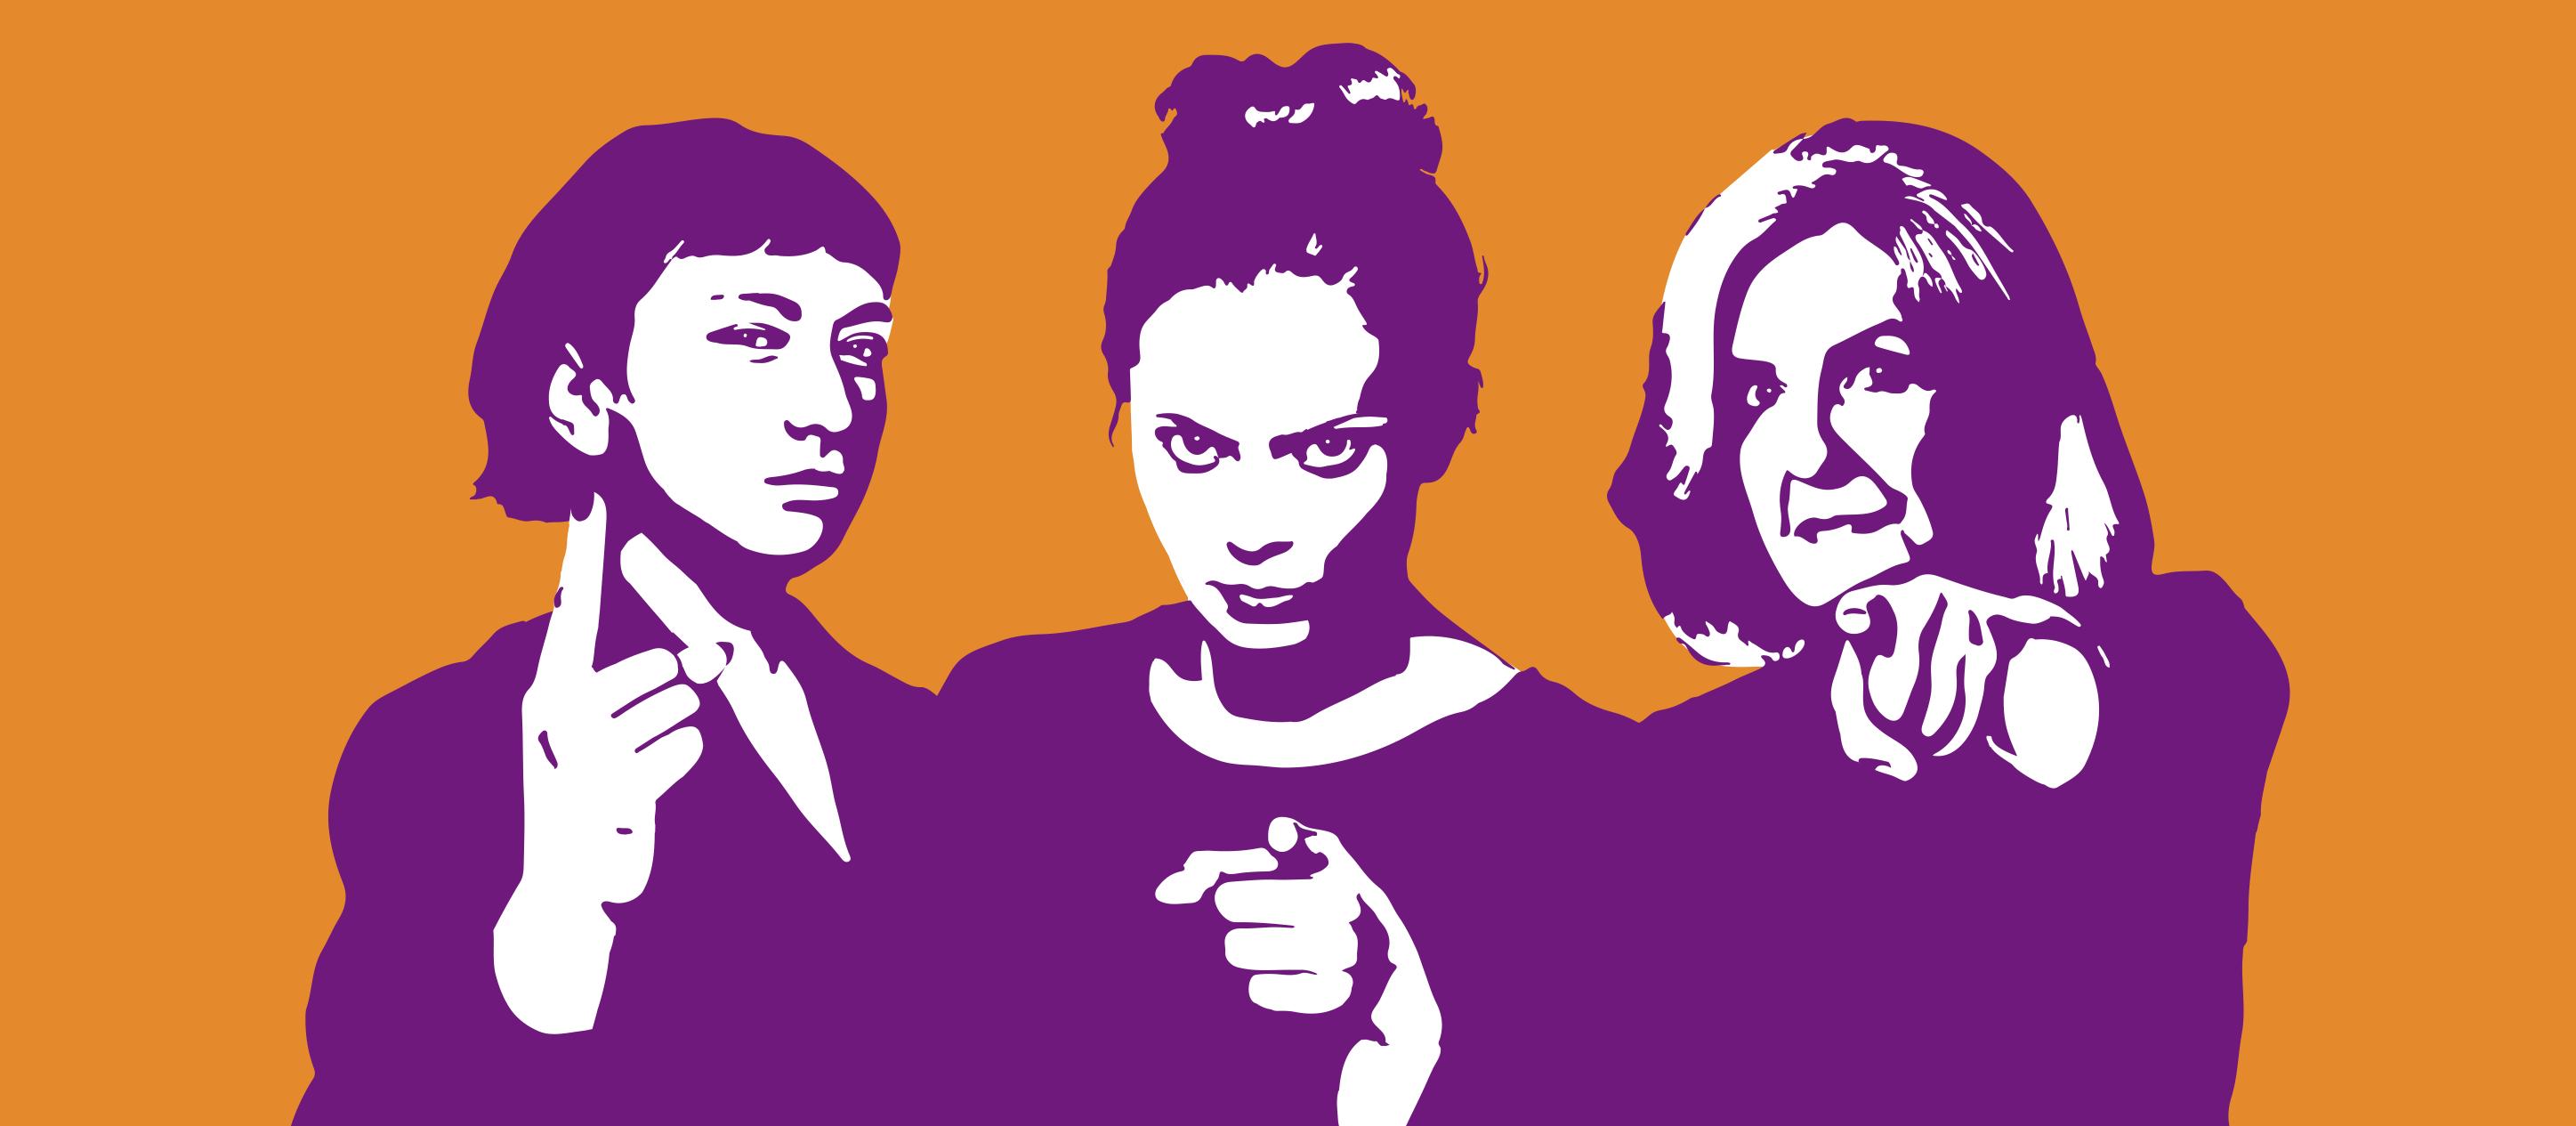 Drei Frauen weisen mit dem Finger auf etwas hin